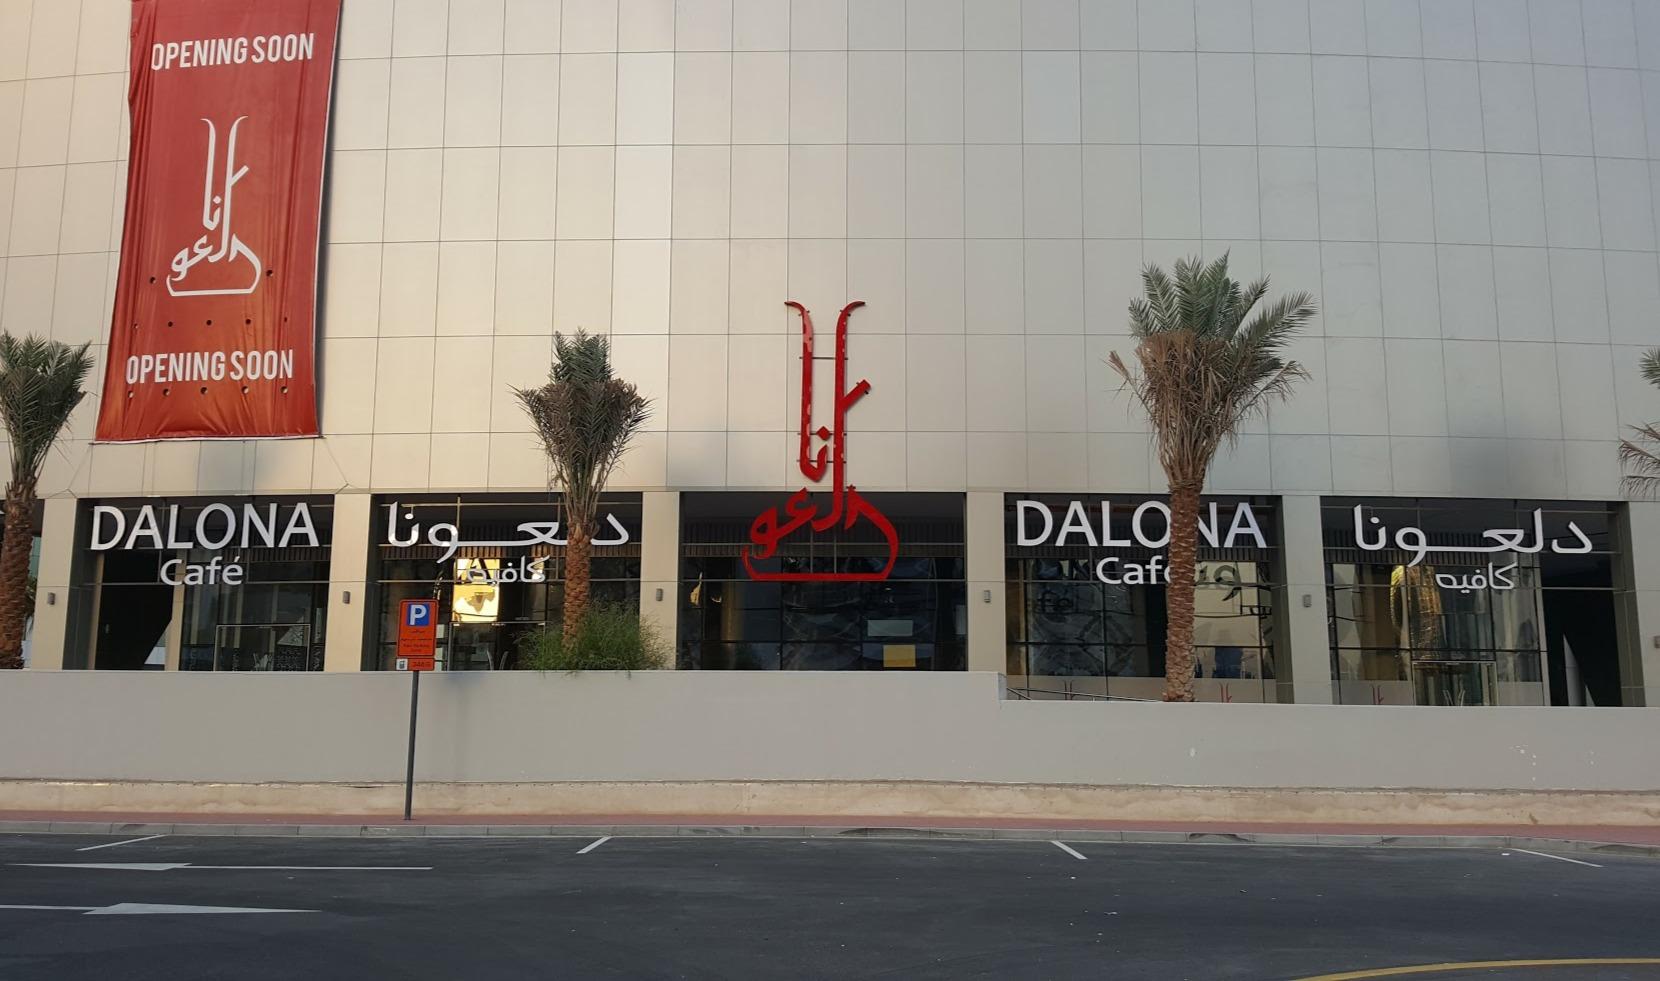 dalona cafe' business bay